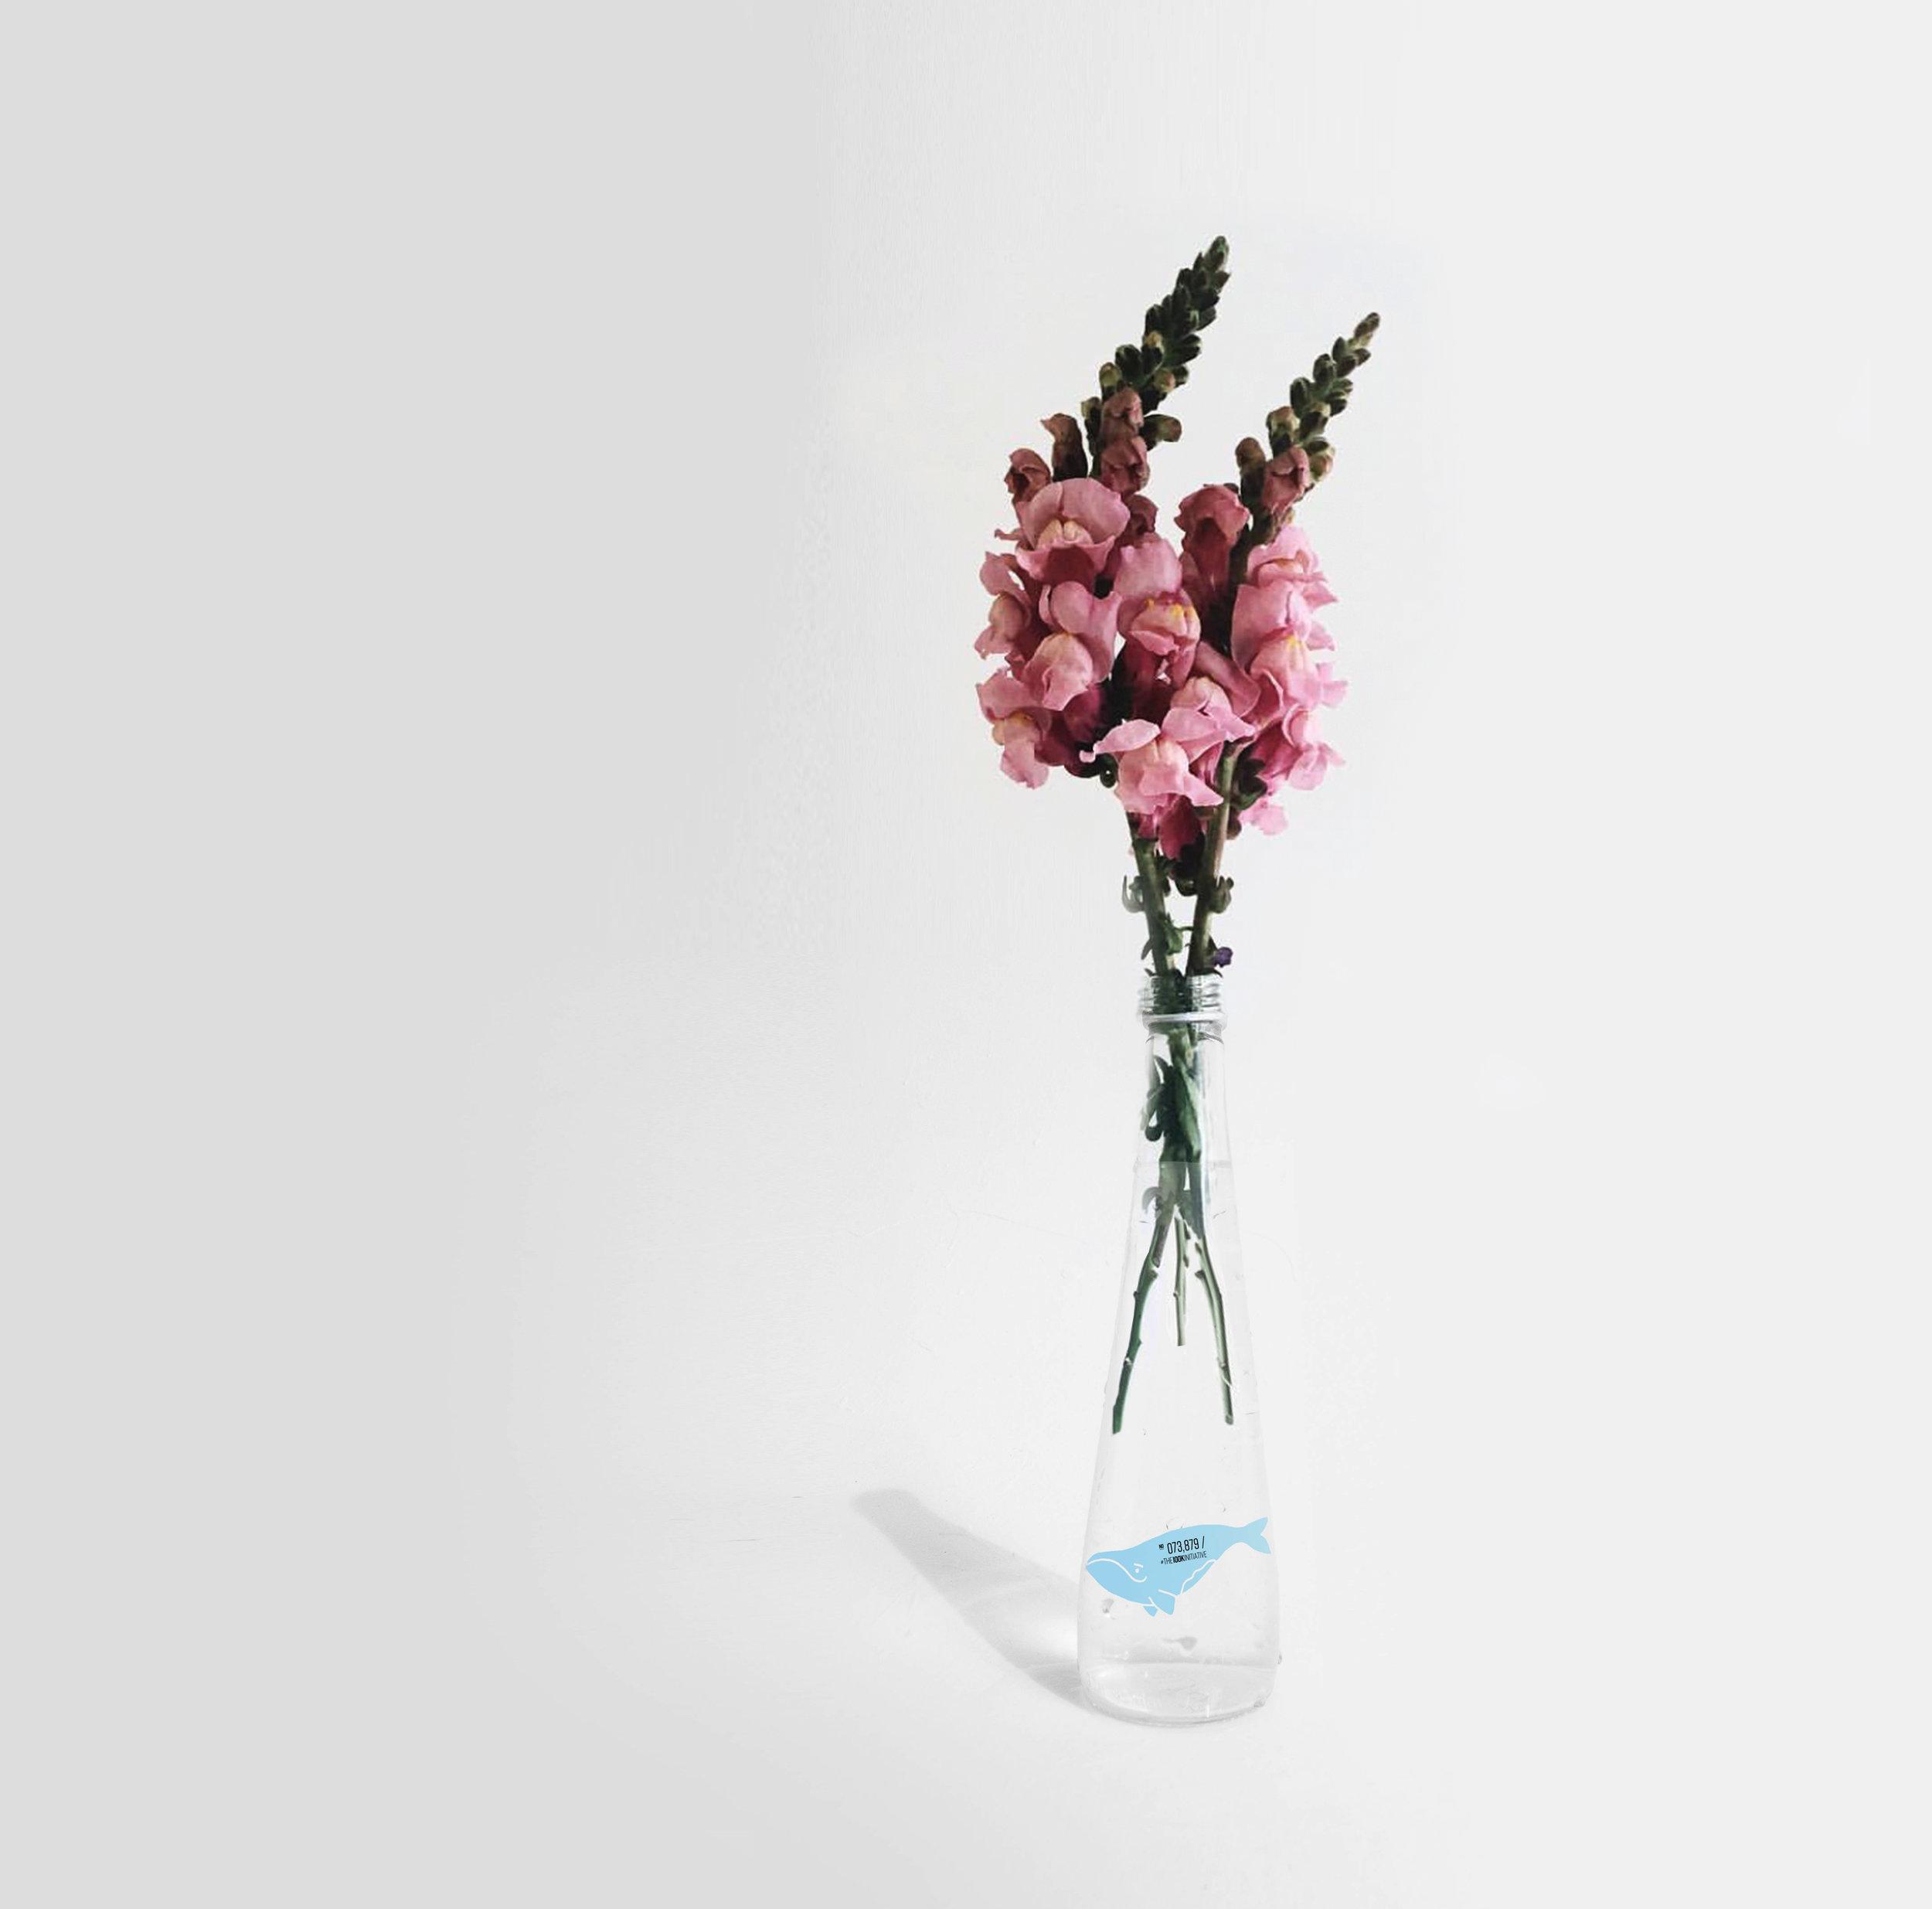 Reincarnateyour bottle. -